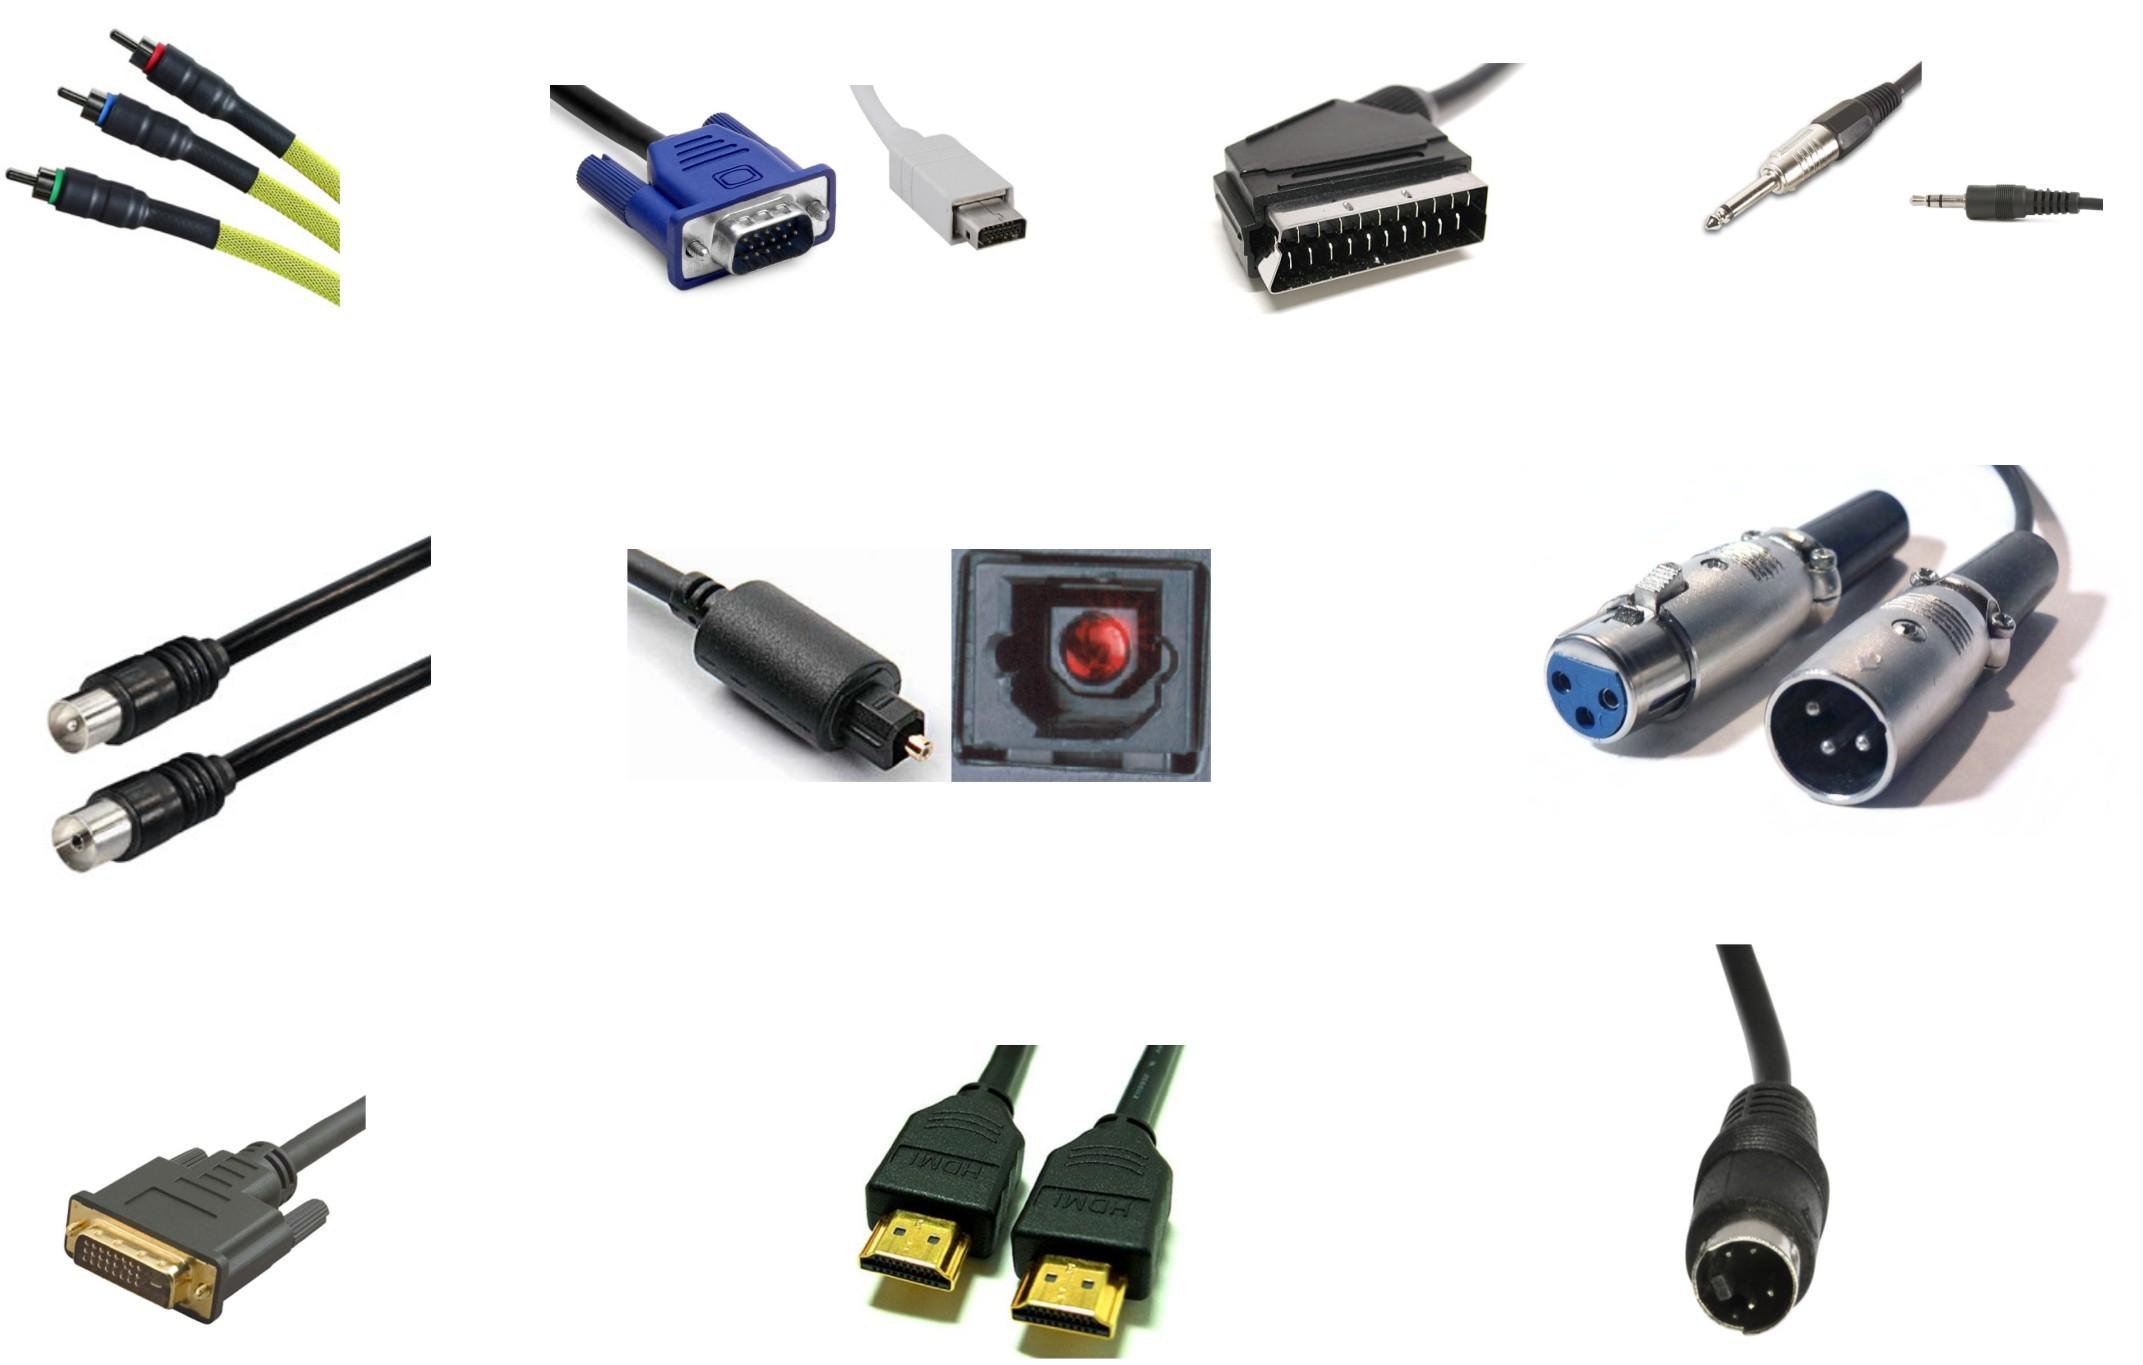 CONECTORES, CONEXIONES Y ADAPTADORES